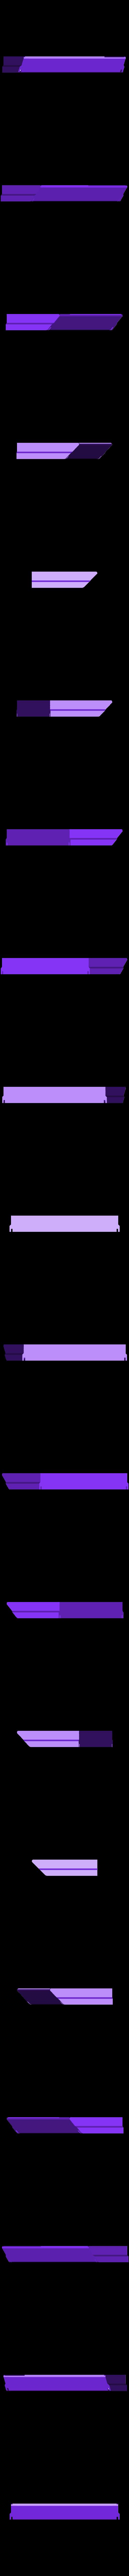 MASK BOX.stl Télécharger fichier STL gratuit Porte-boîte à gants empilable • Objet pour imprimante 3D, 3DPrintersaur